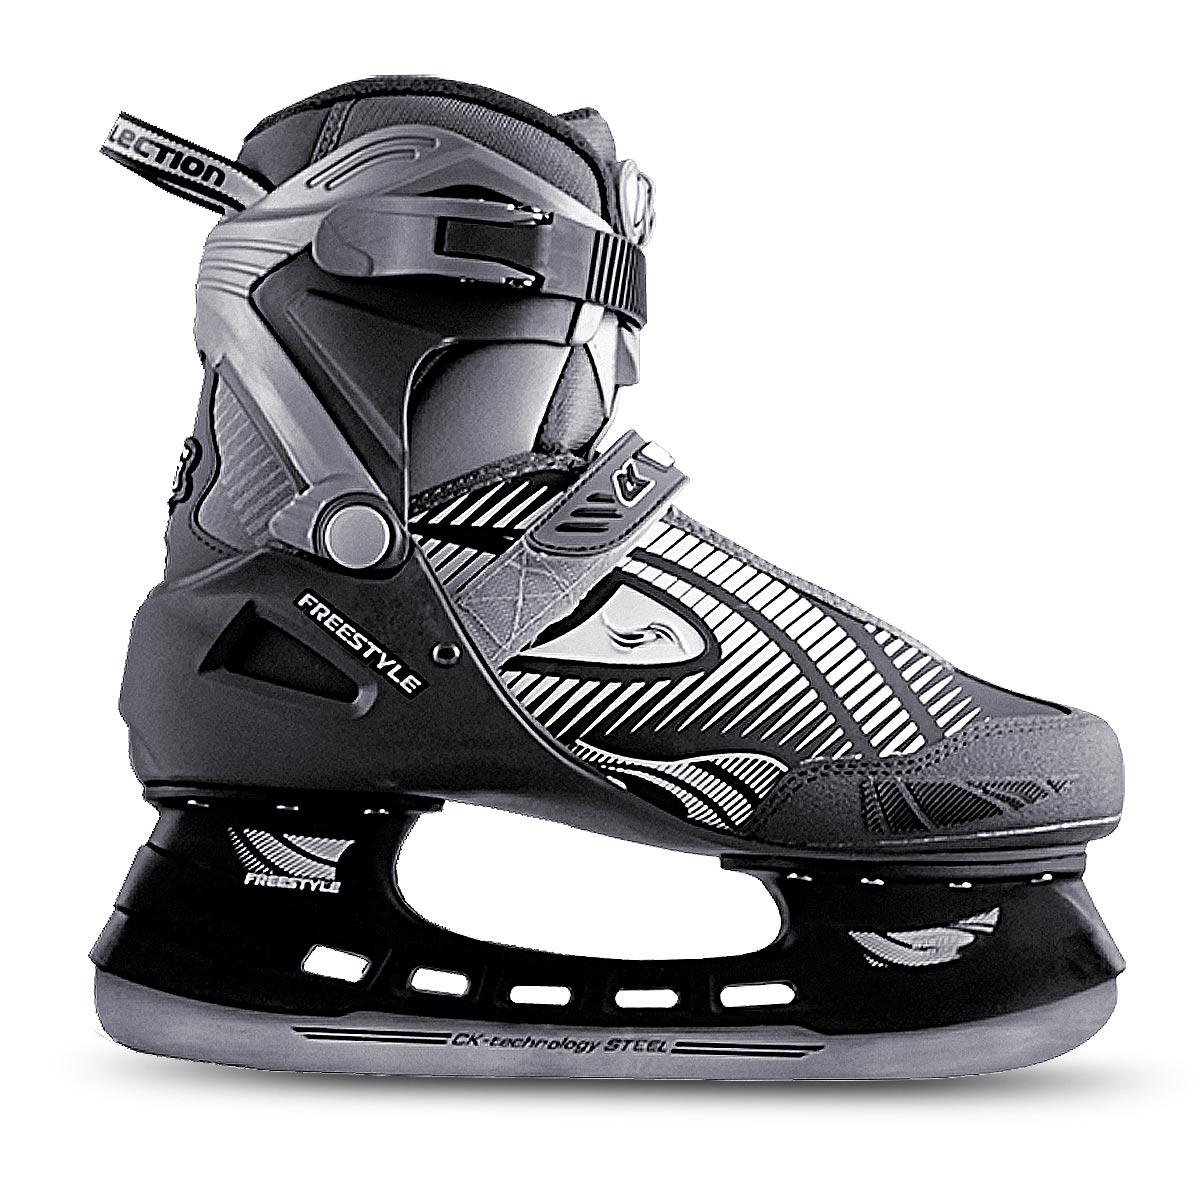 Коньки хоккейные для мальчика СК Freestyle, цвет: серый, черный. Размер 36FREESTYLE_серый, черный_36Оригинальные детские коньки для мальчика от CK Freestyle с ударопрочной защитной конструкцией прекрасно подойдут для начинающих игроков в хоккей. Сапожок, выполненный из комбинации ПВХ, морозостойкой искусственной кожи, нейлона и капровелюра, обеспечит тепло и комфорт во время катания. Внутренний слой изготовлен из фланелета, а стелька - из текстиля. Пластиковая бакля и шнуровка с фиксатором, а также хлястик на липучке надежно фиксируют голеностоп. Плотный мысок и усиленный задник оберегают ногу от ушибов. Фигурное лезвие изготовлено из углеродистой нержавеющей стали со специальным покрытием, придающим дополнительную прочность. Изделие по верху декорировано оригинальным принтом и тиснением в виде логотипа бренда. Задняя часть коньков дополнена широким ярлычком для более удобного надевания обуви. Стильные коньки придутся по душе вашему ребенку.